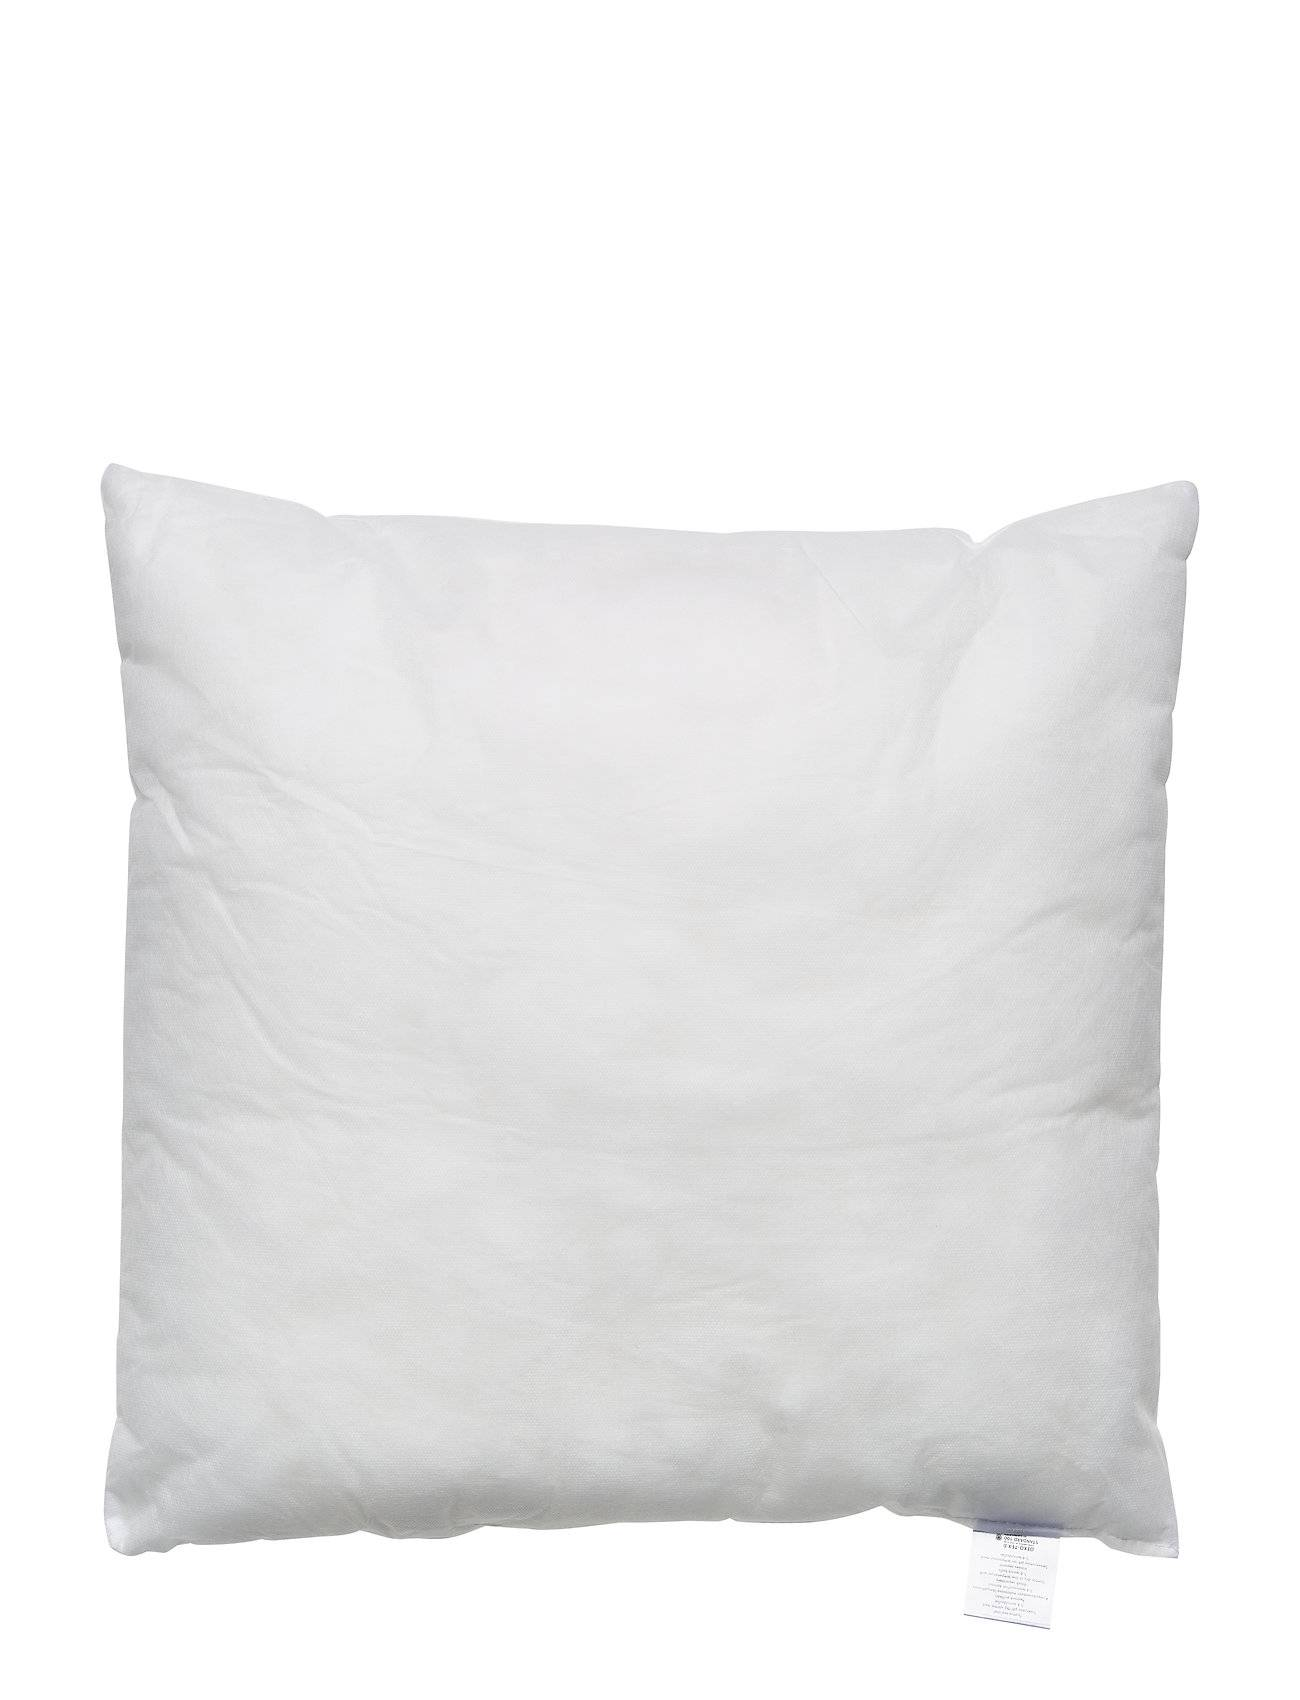 Gripsholm Inner Cushion